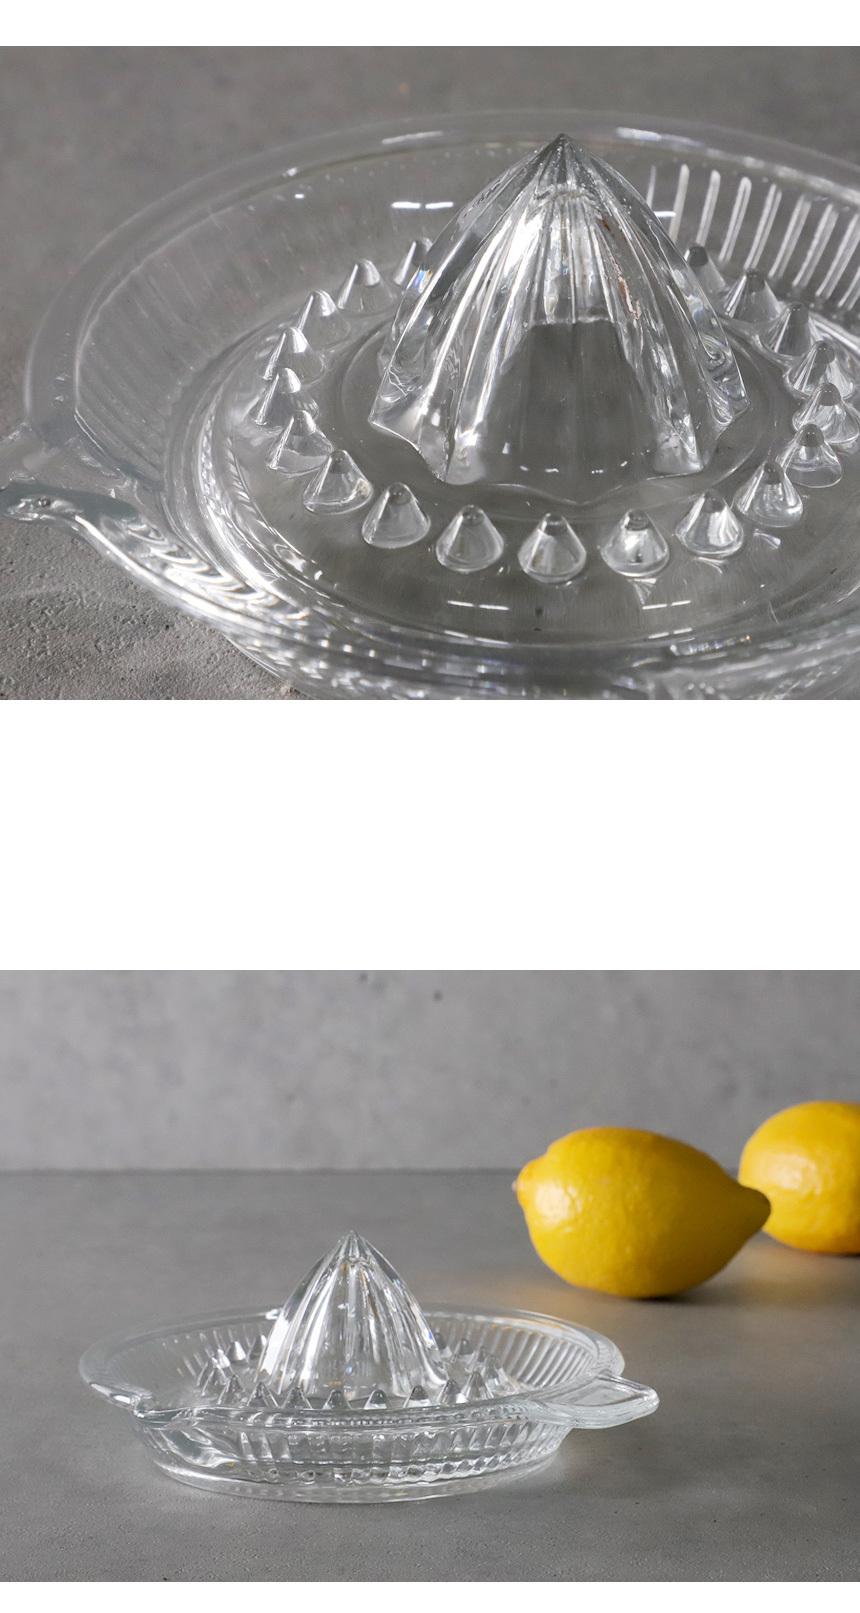 베이직 레몬 유리 스퀴즈 즙짜기4,900원-키친몰링주방/푸드, 조리도구/기구, 칼/가위/커팅기구, 채칼/강판바보사랑베이직 레몬 유리 스퀴즈 즙짜기4,900원-키친몰링주방/푸드, 조리도구/기구, 칼/가위/커팅기구, 채칼/강판바보사랑